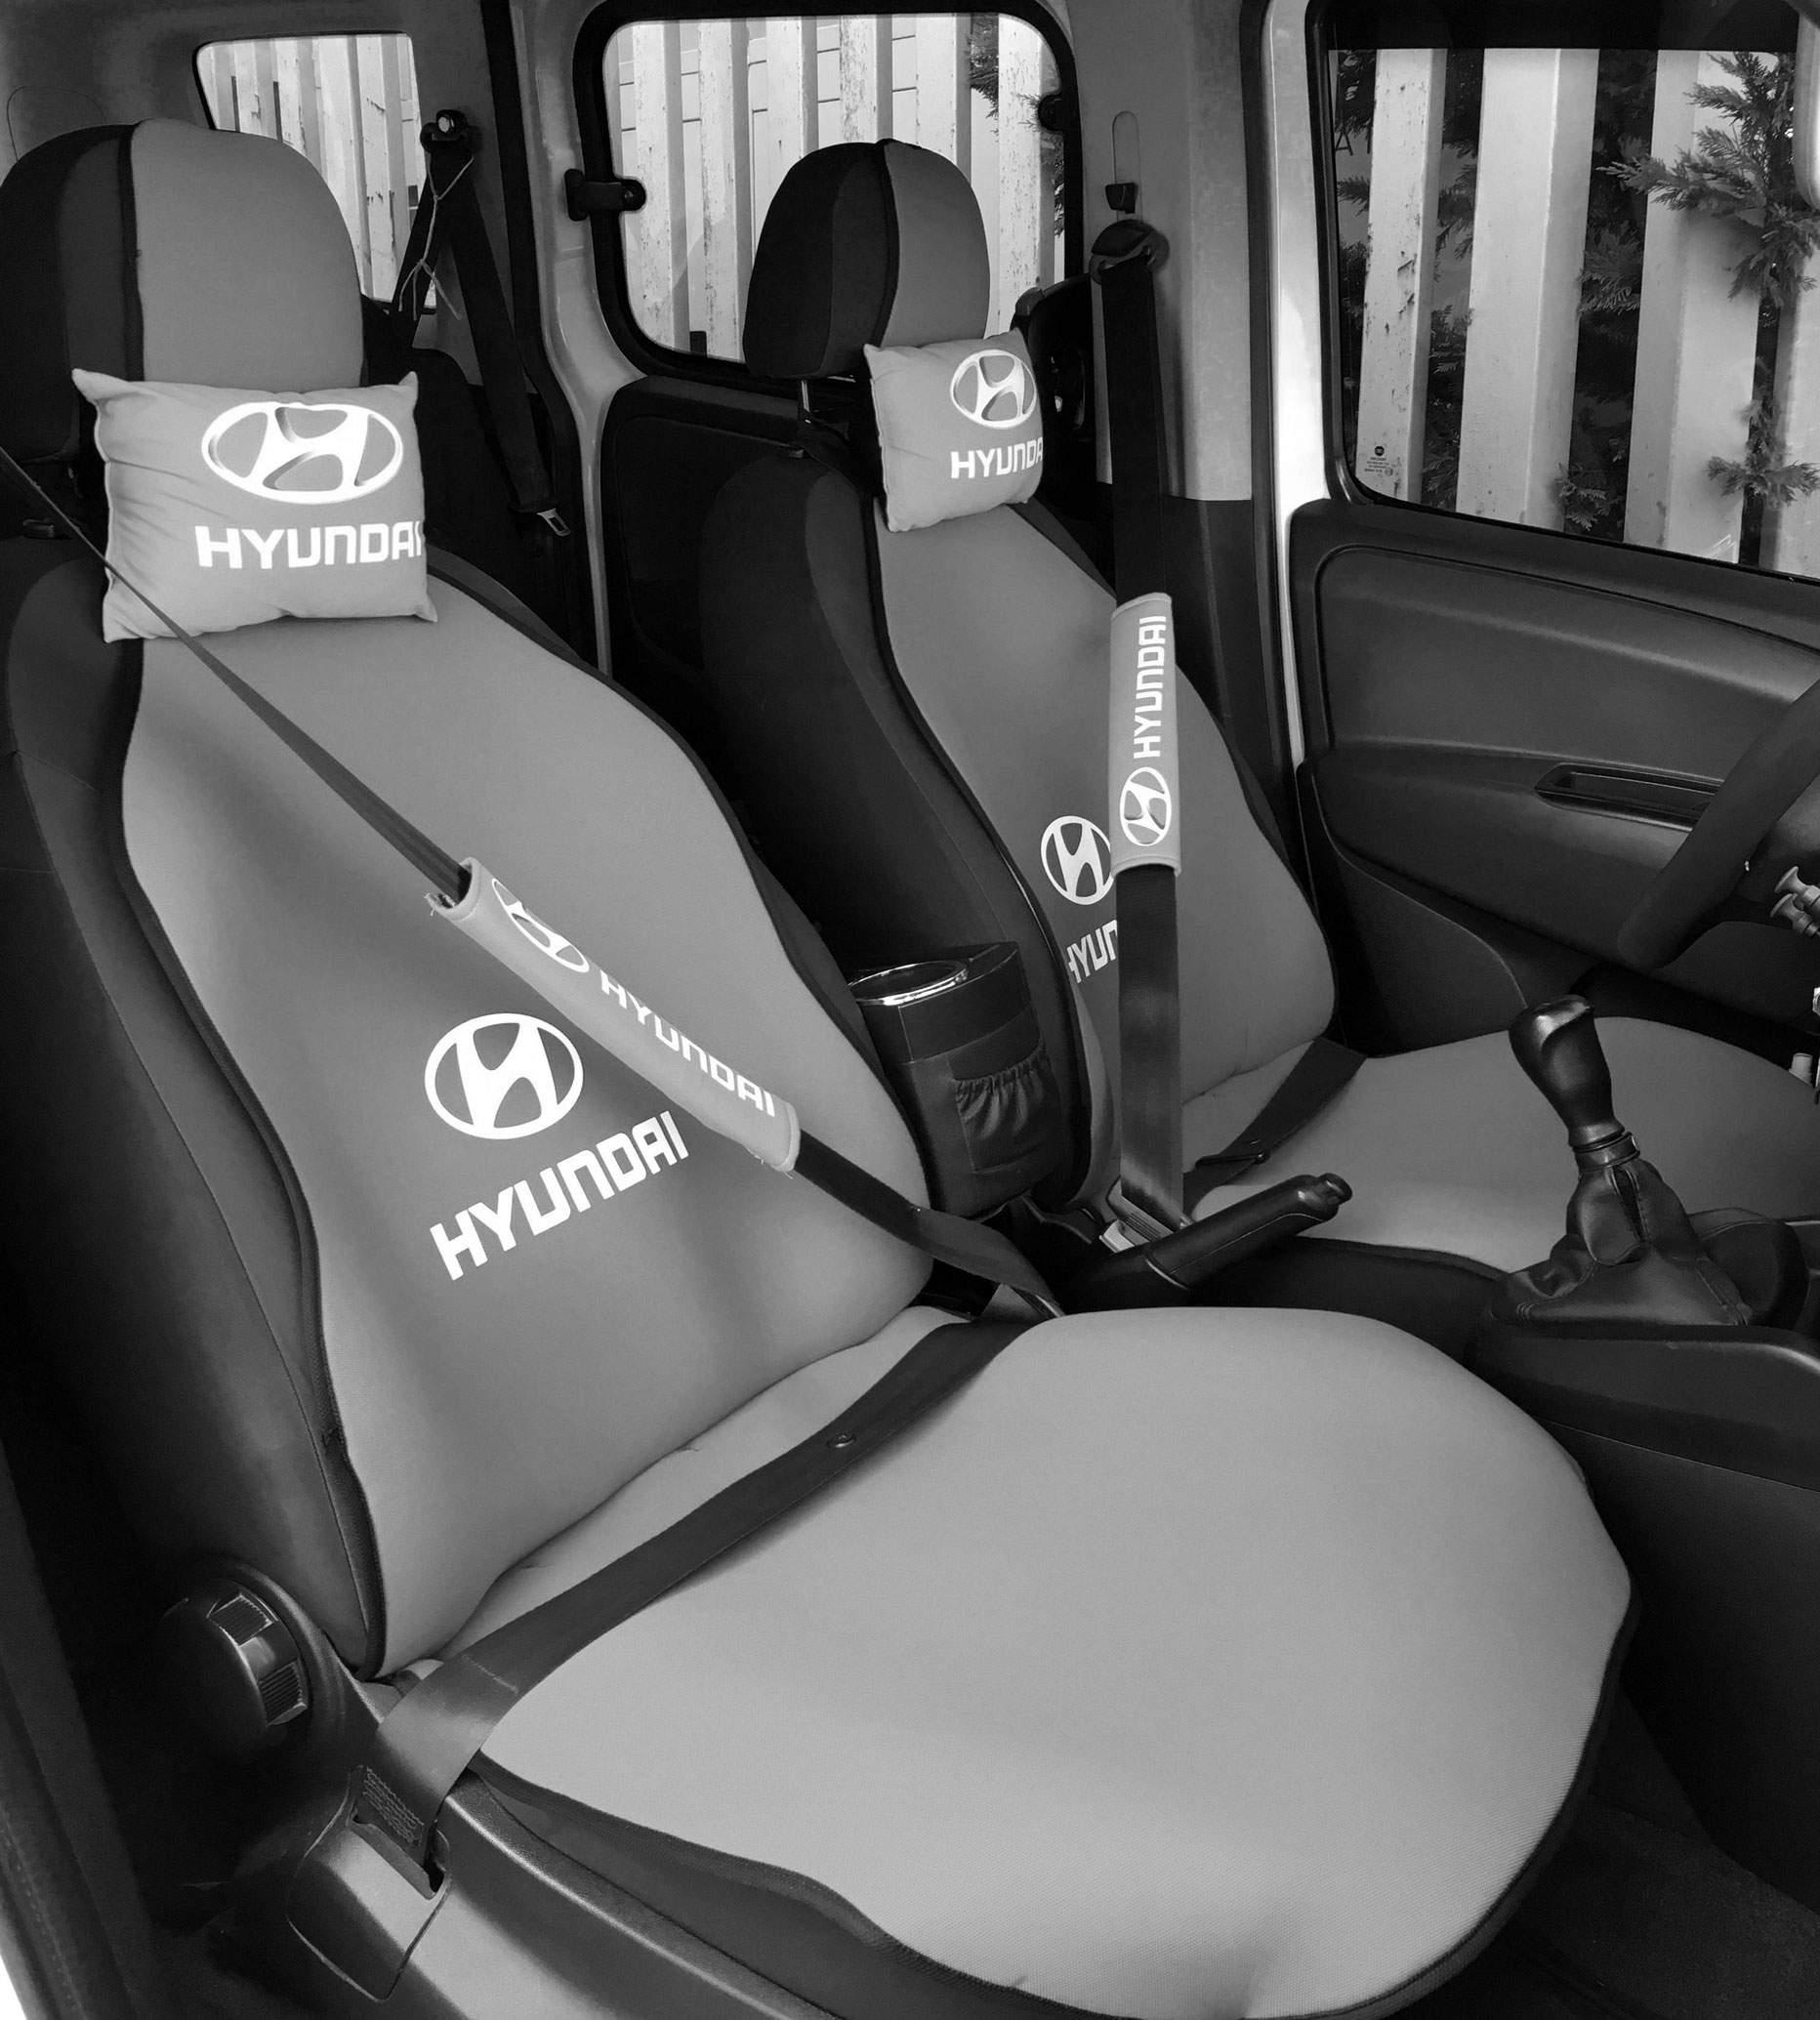 Hyundai Uyumlu Terletmez Oto Koltuk Minderi Ve Yastık Seti